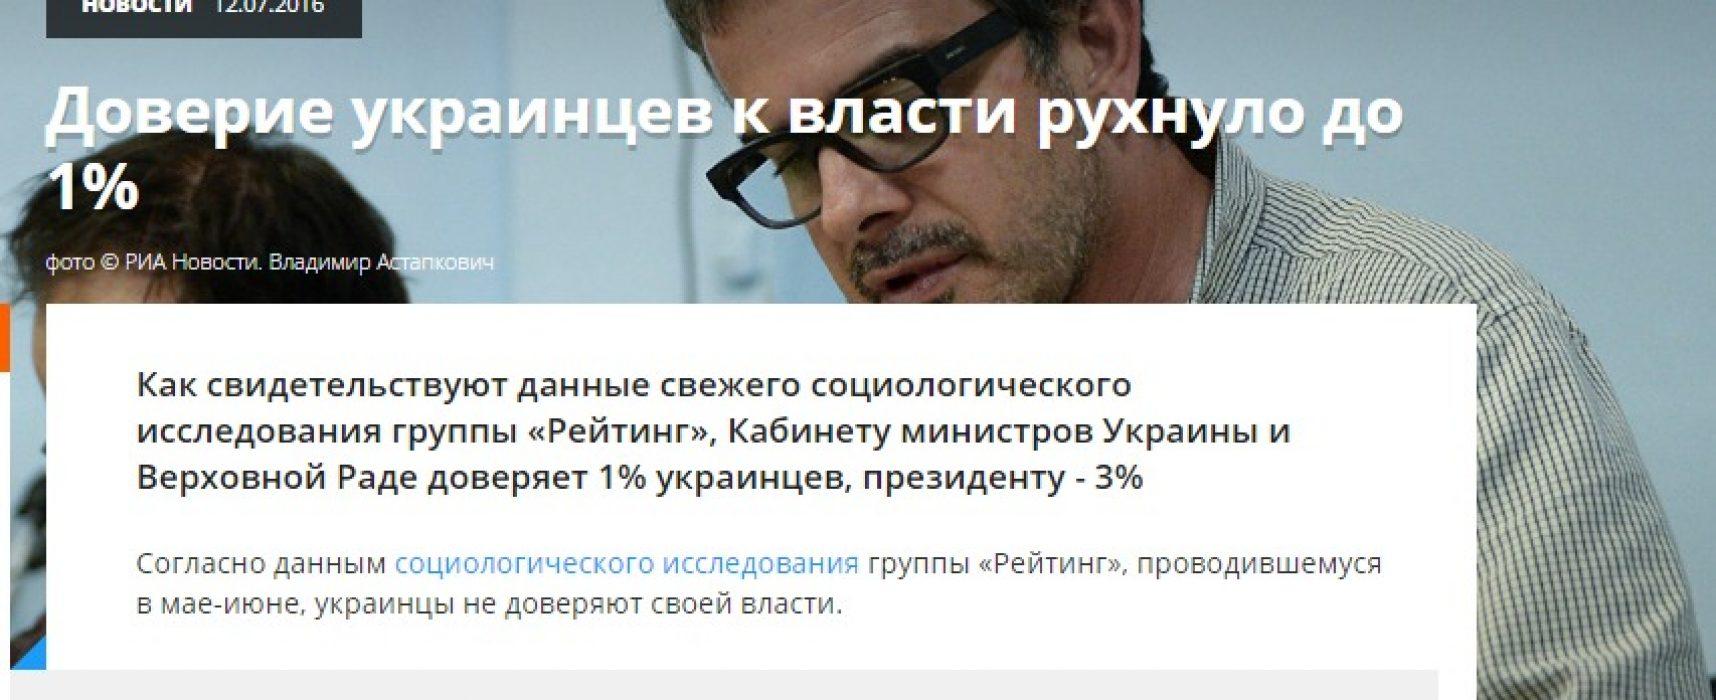 Российские СМИ сманипулировали соцопросом об Украине